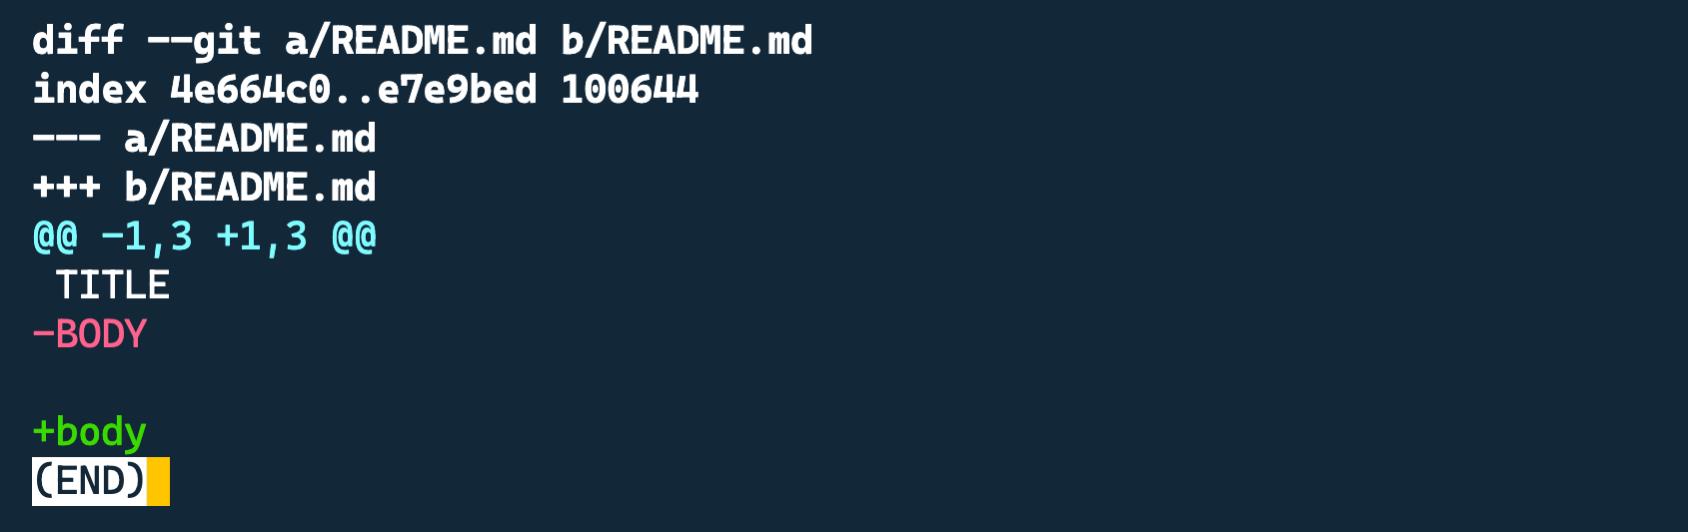 Screenshot 2020-11-13 at 10.41.43 AM.png